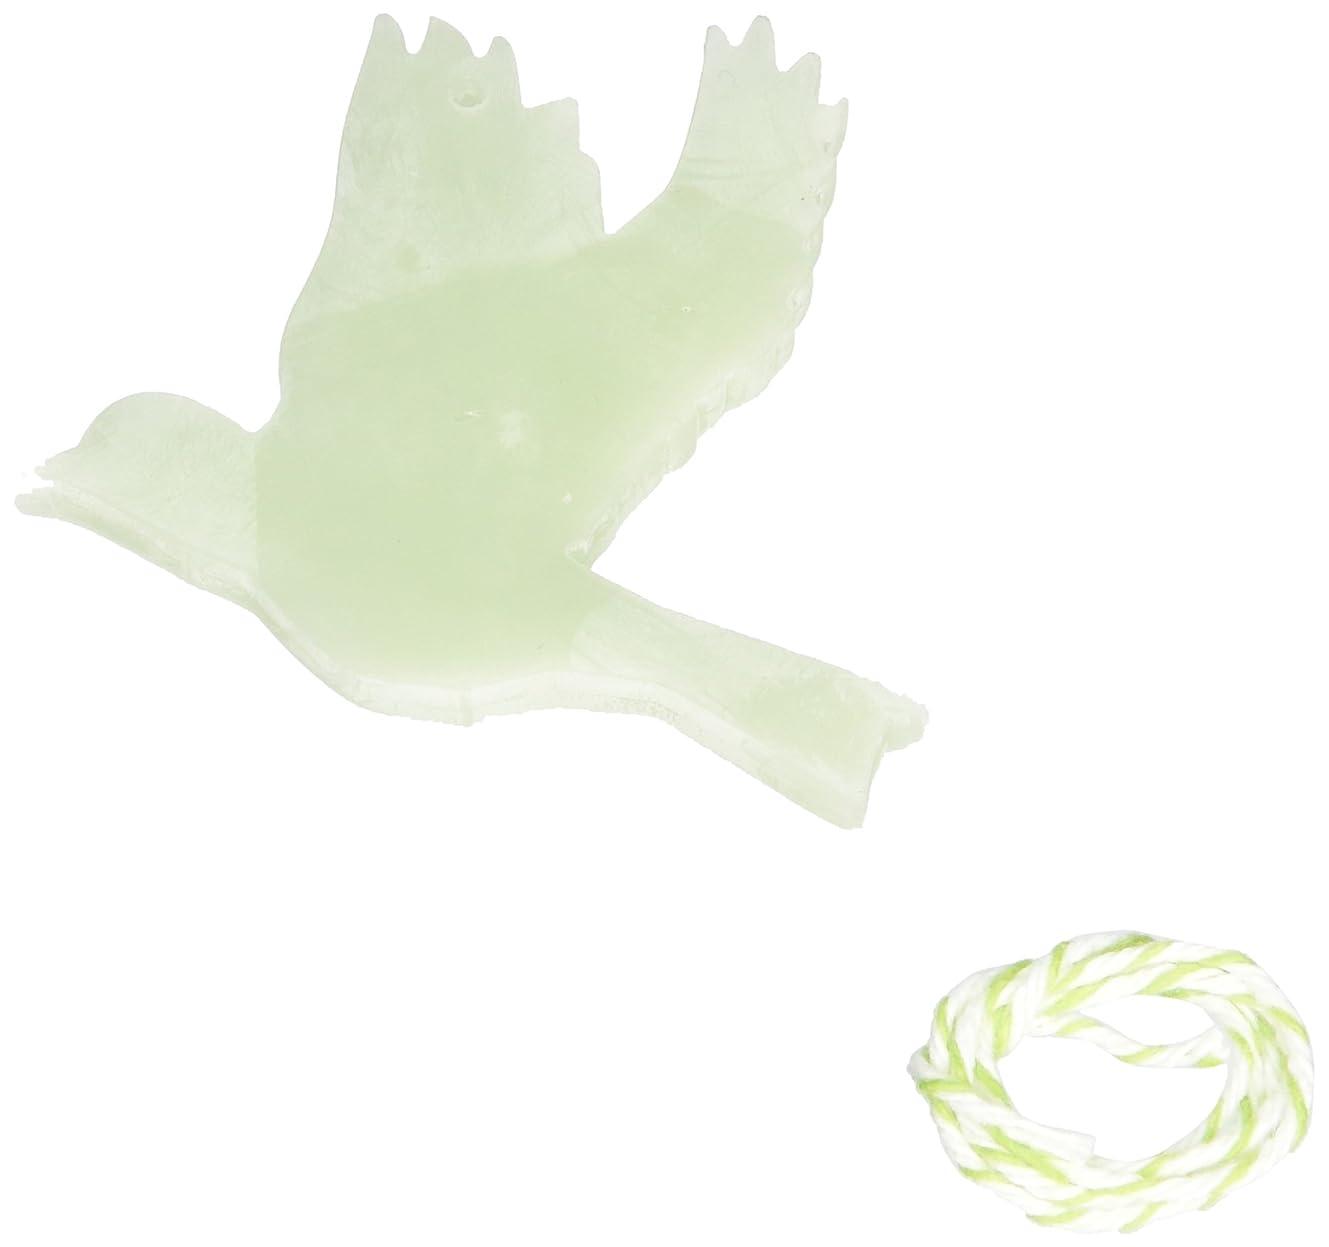 ショッピングセンターストラップ公平GRASSE TOKYO AROMATICWAXチャーム「ハト」(GR) レモングラス アロマティックワックス グラーストウキョウ